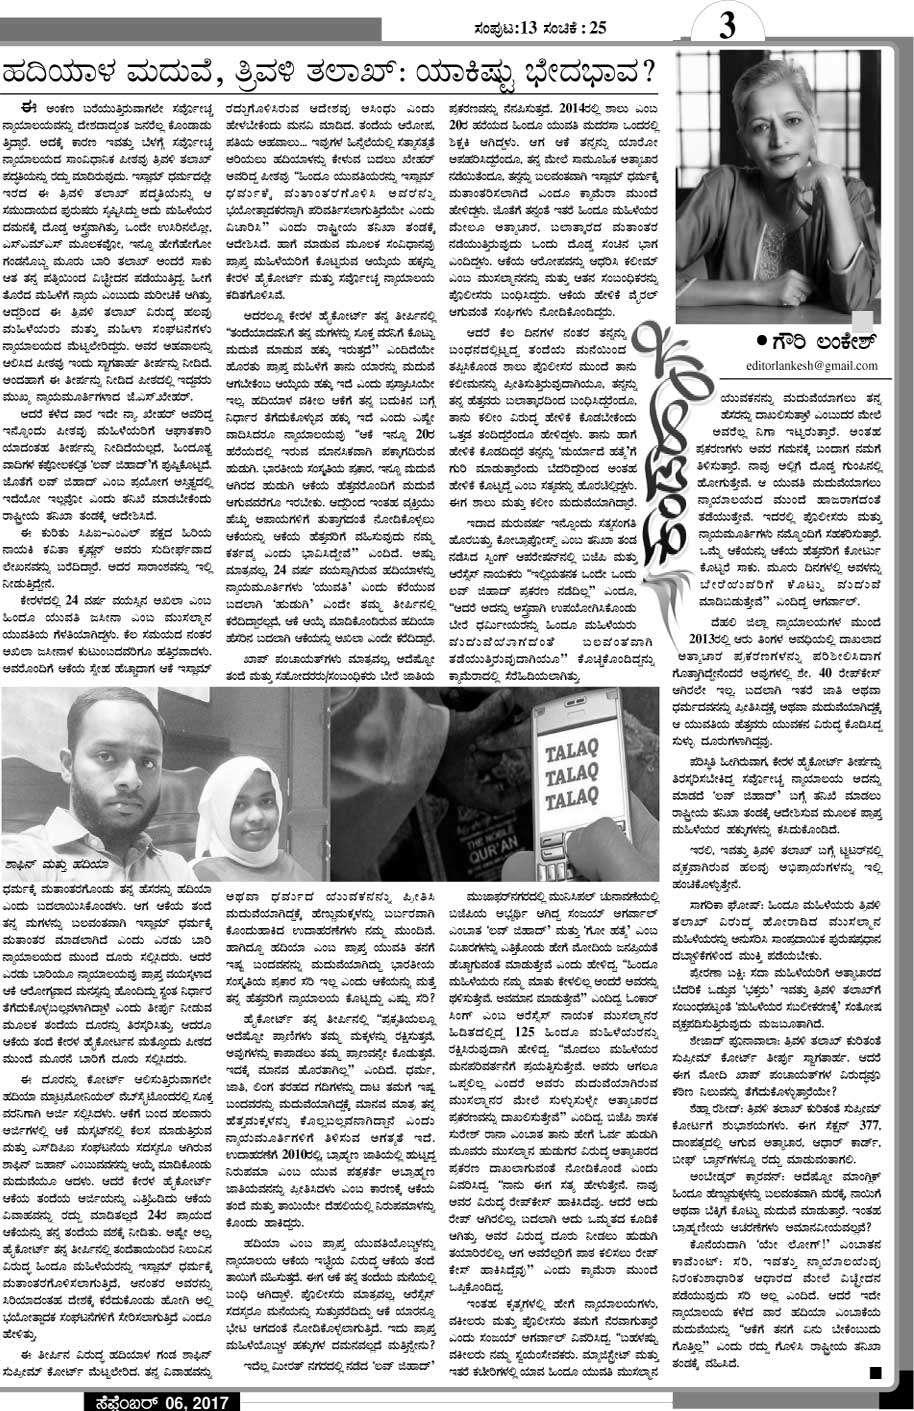 കൊല്ലപ്പെട്ട ഗൗരി ലങ്കേഷിന്റെ അവസാന ലേഖനം ഹാദിയ വിധിയെ കുറിച്ച്